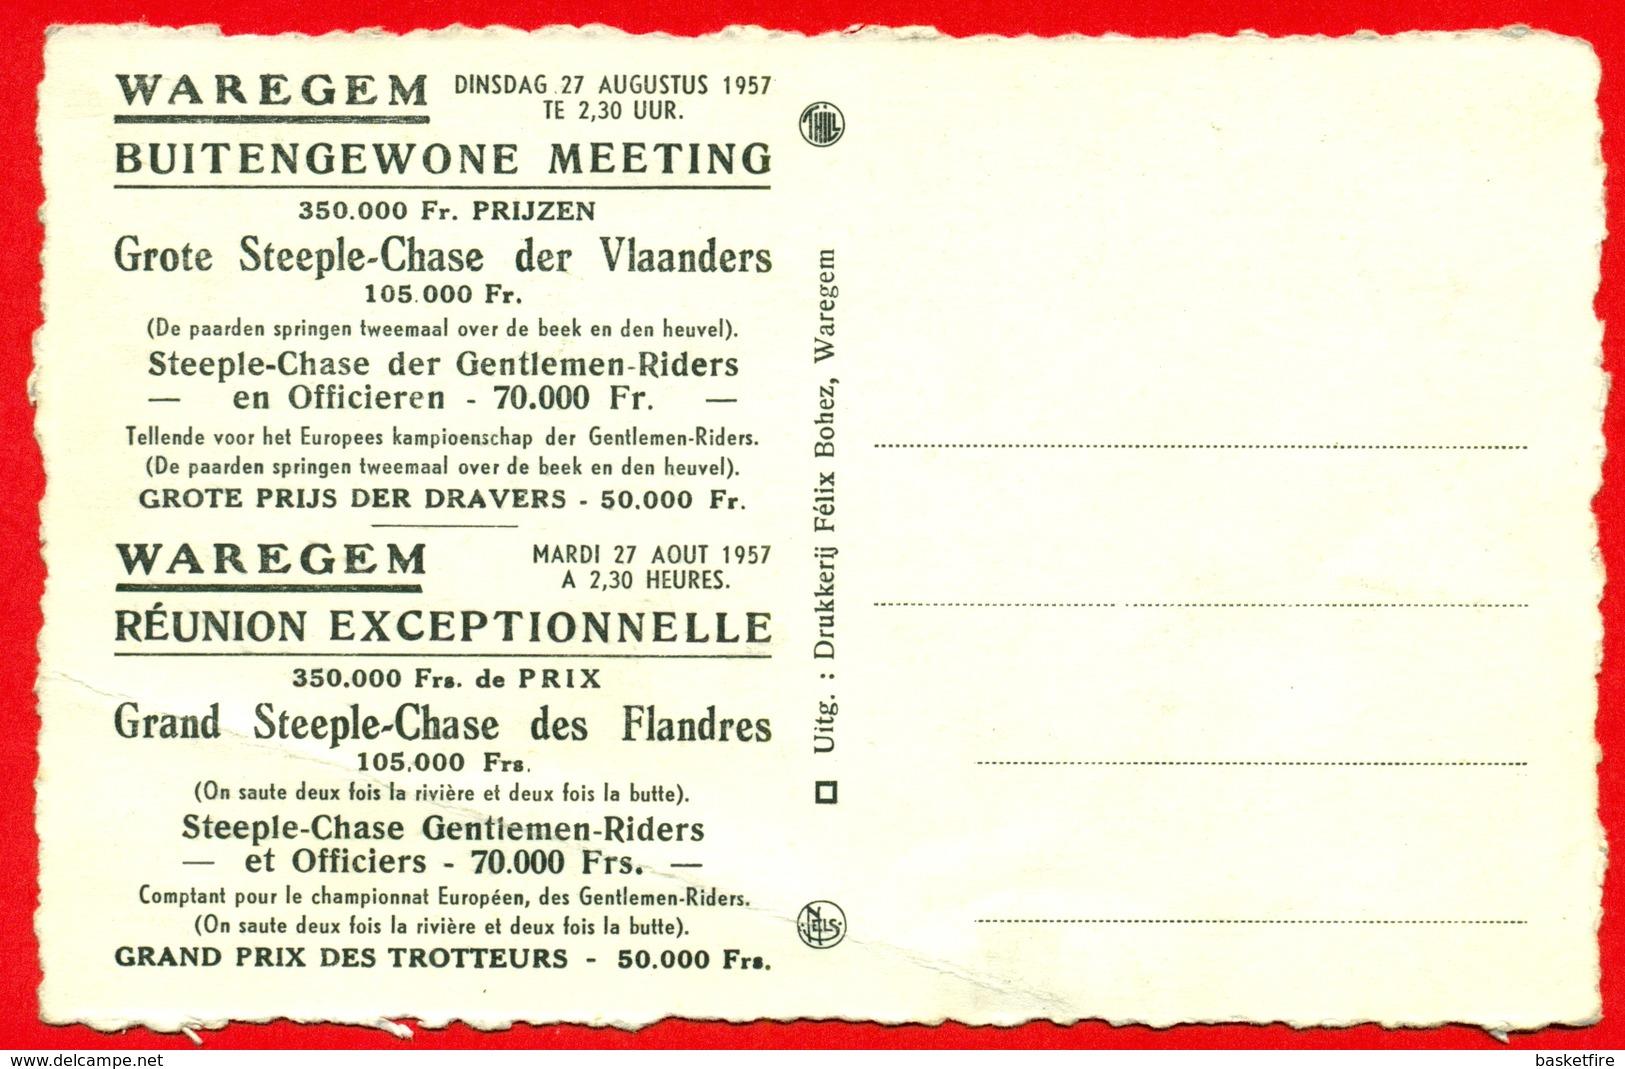 Waregem: Reklame Kaart - Grote Steeple-Chase Van Vlaanderen Dinsdag 27 Augustus 1957 - Waregem